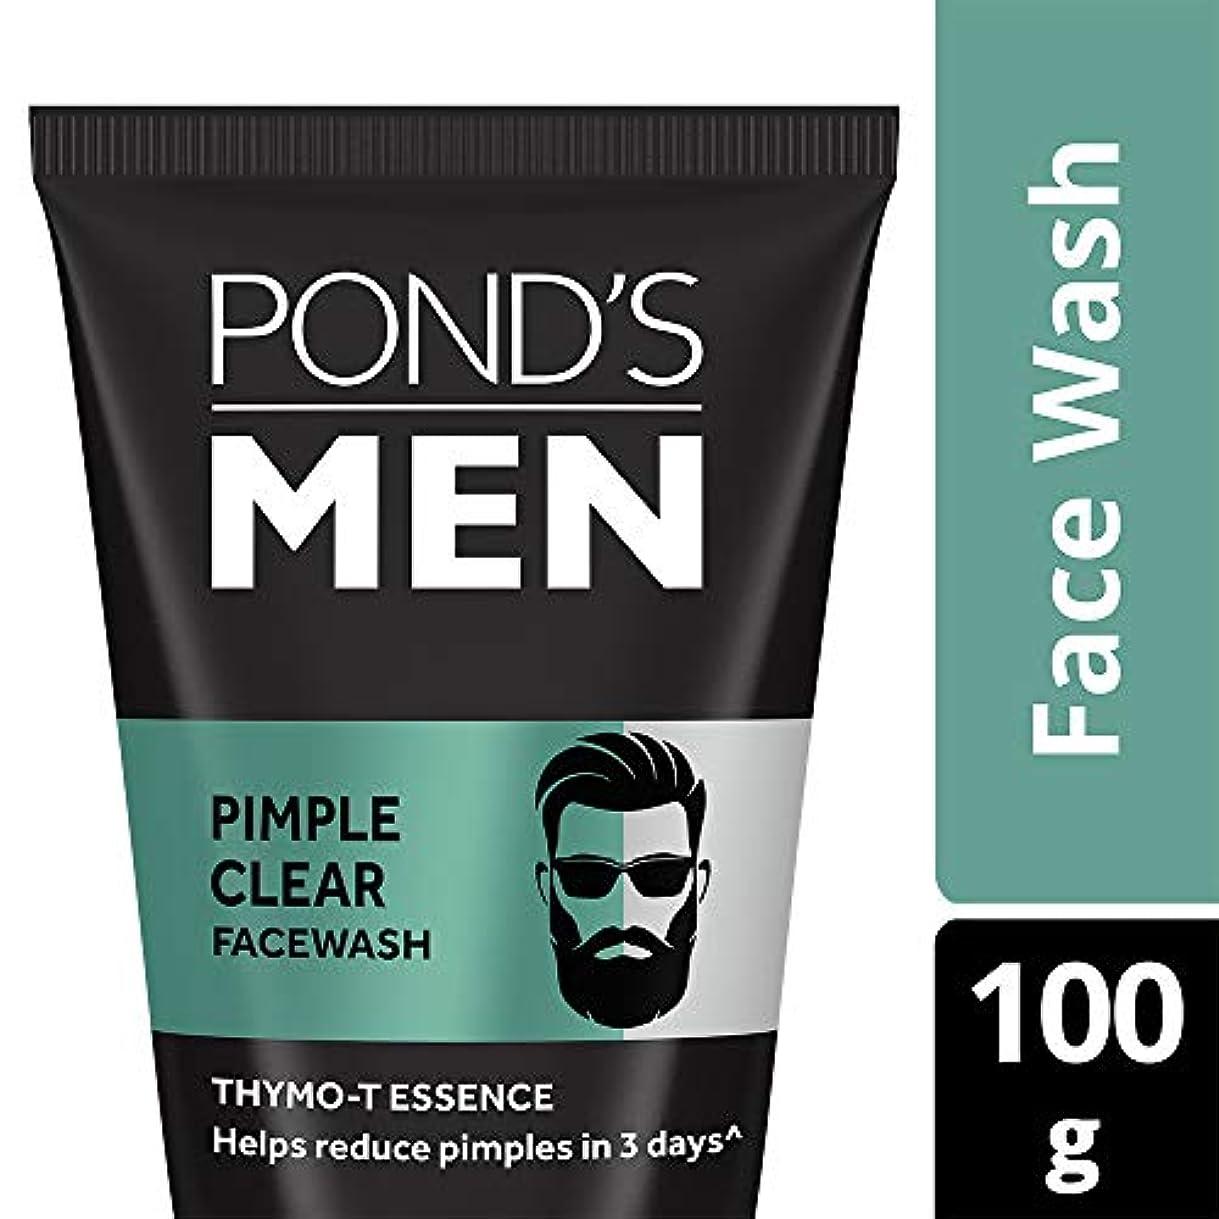 異常な減少謝罪するPond's Men Acno Clear Oil Control Face Wash, 100g